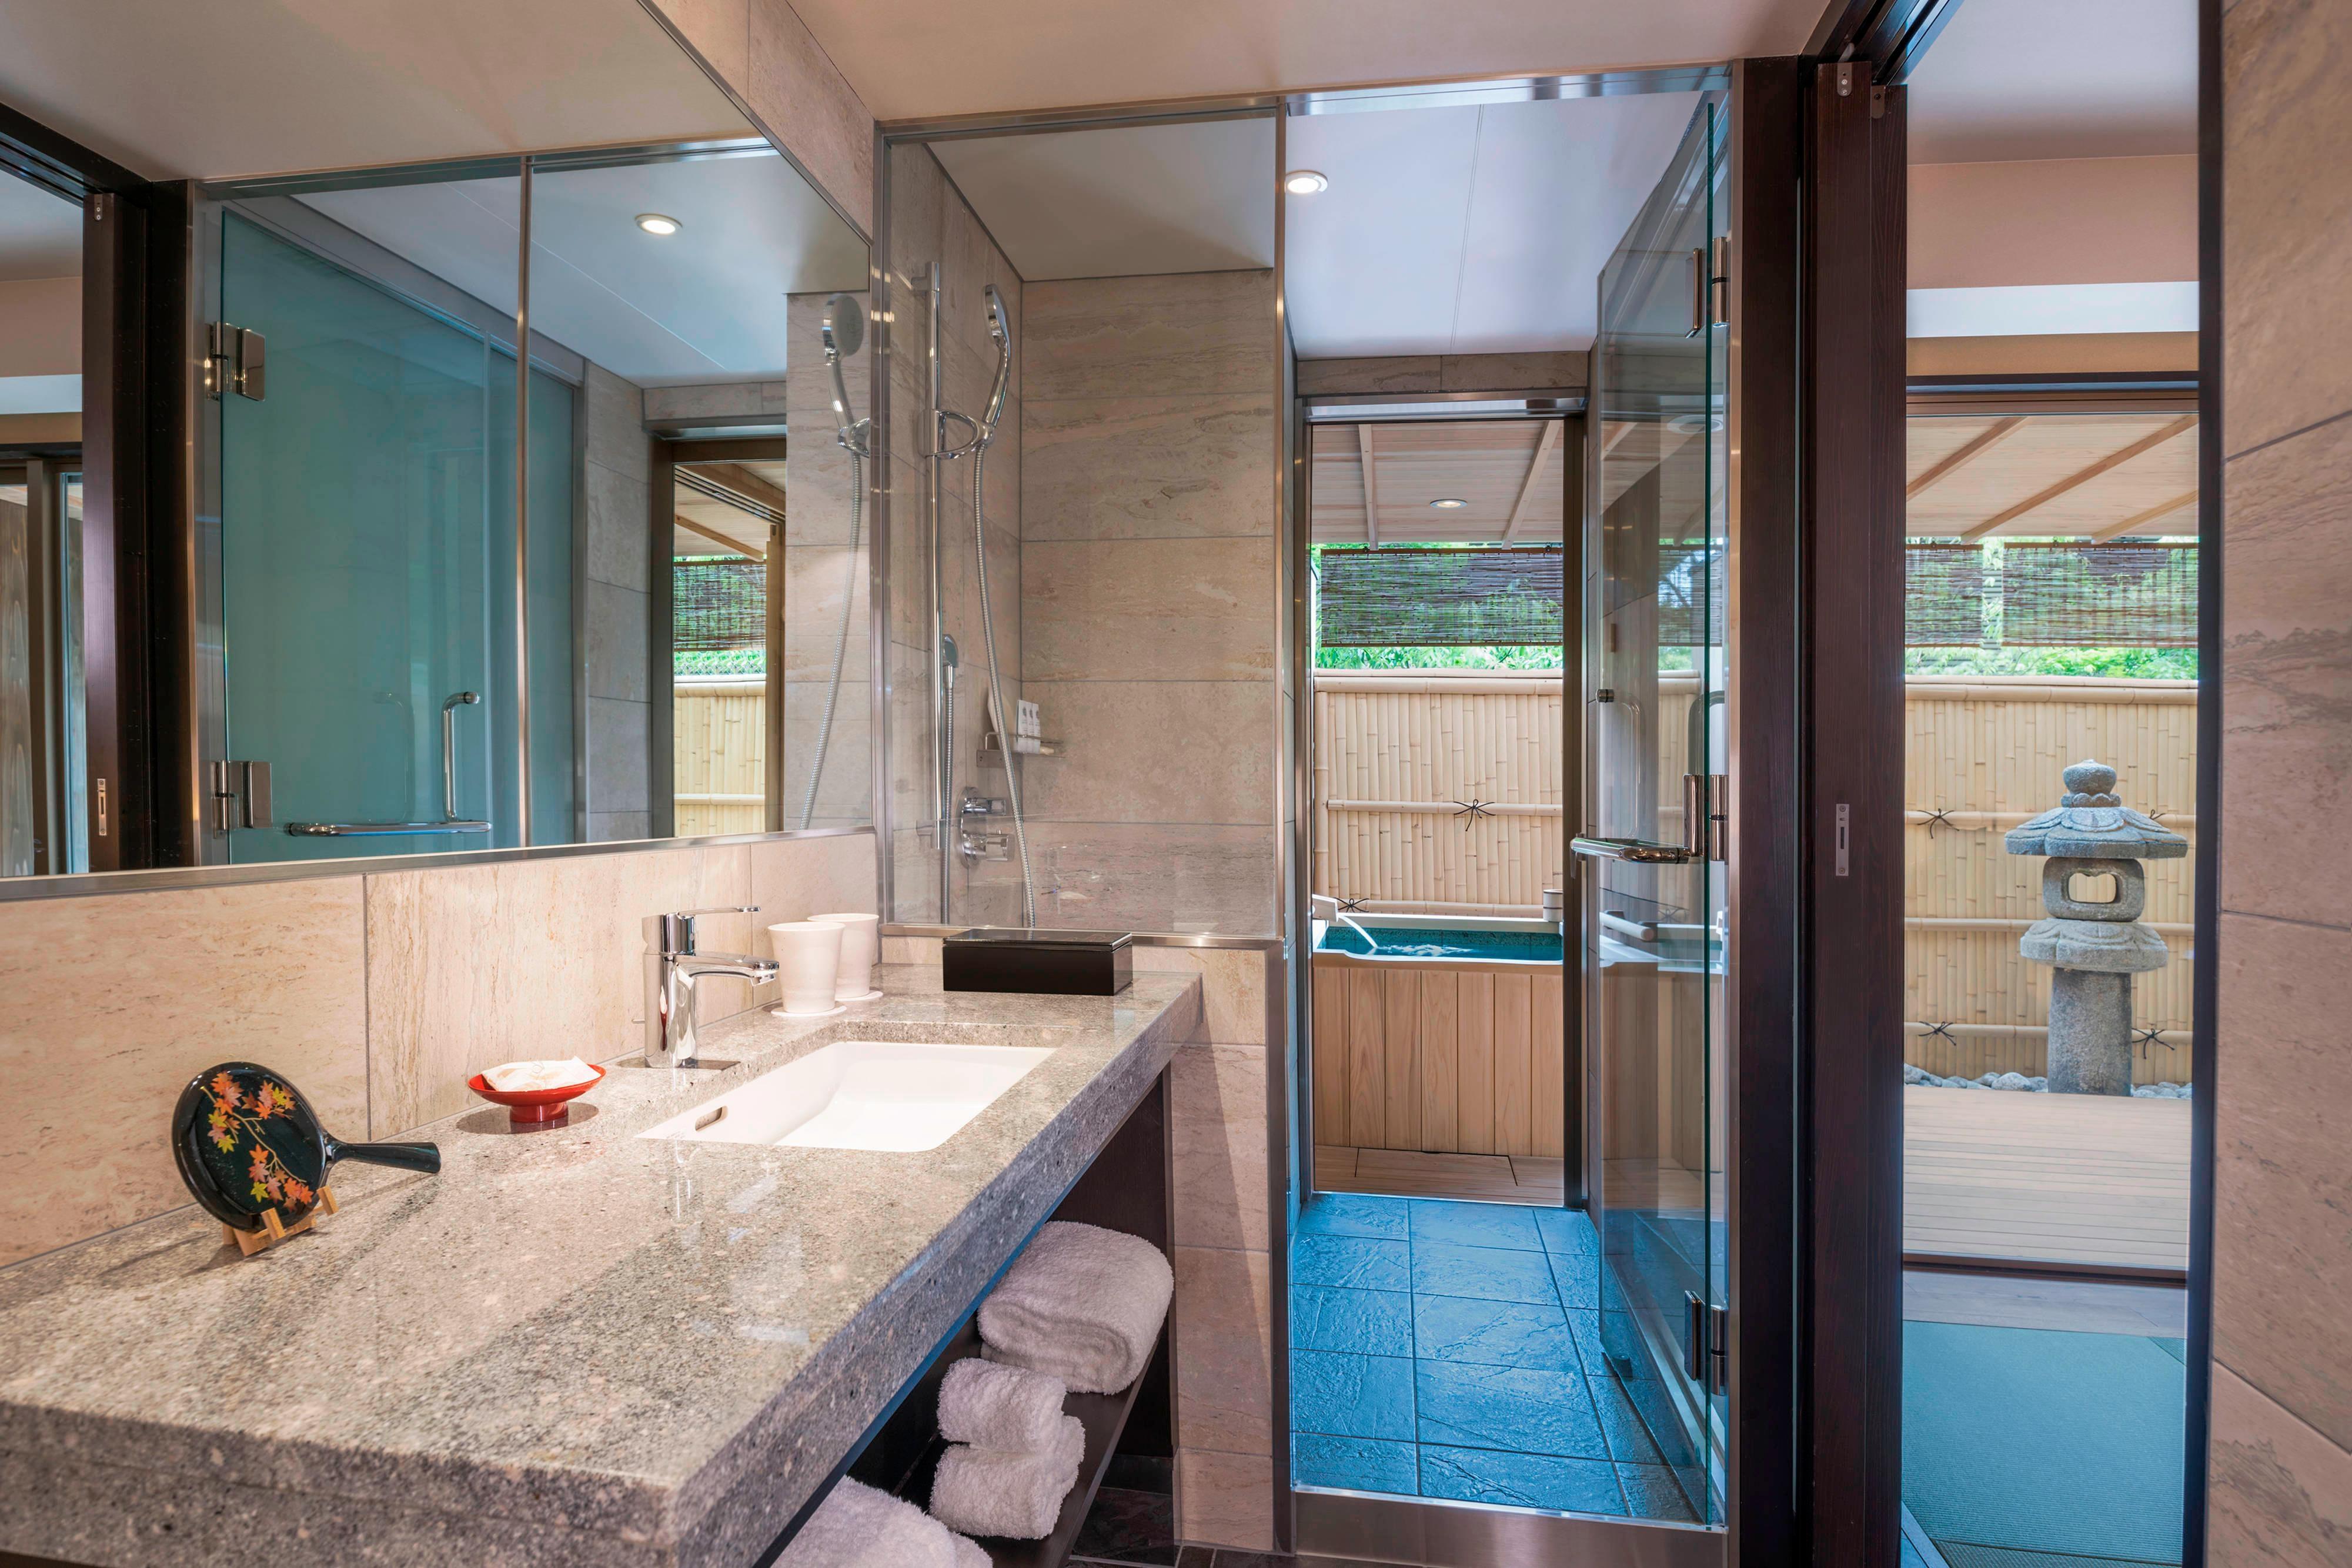 YUZUNOHA Deluxe Room Bathroom